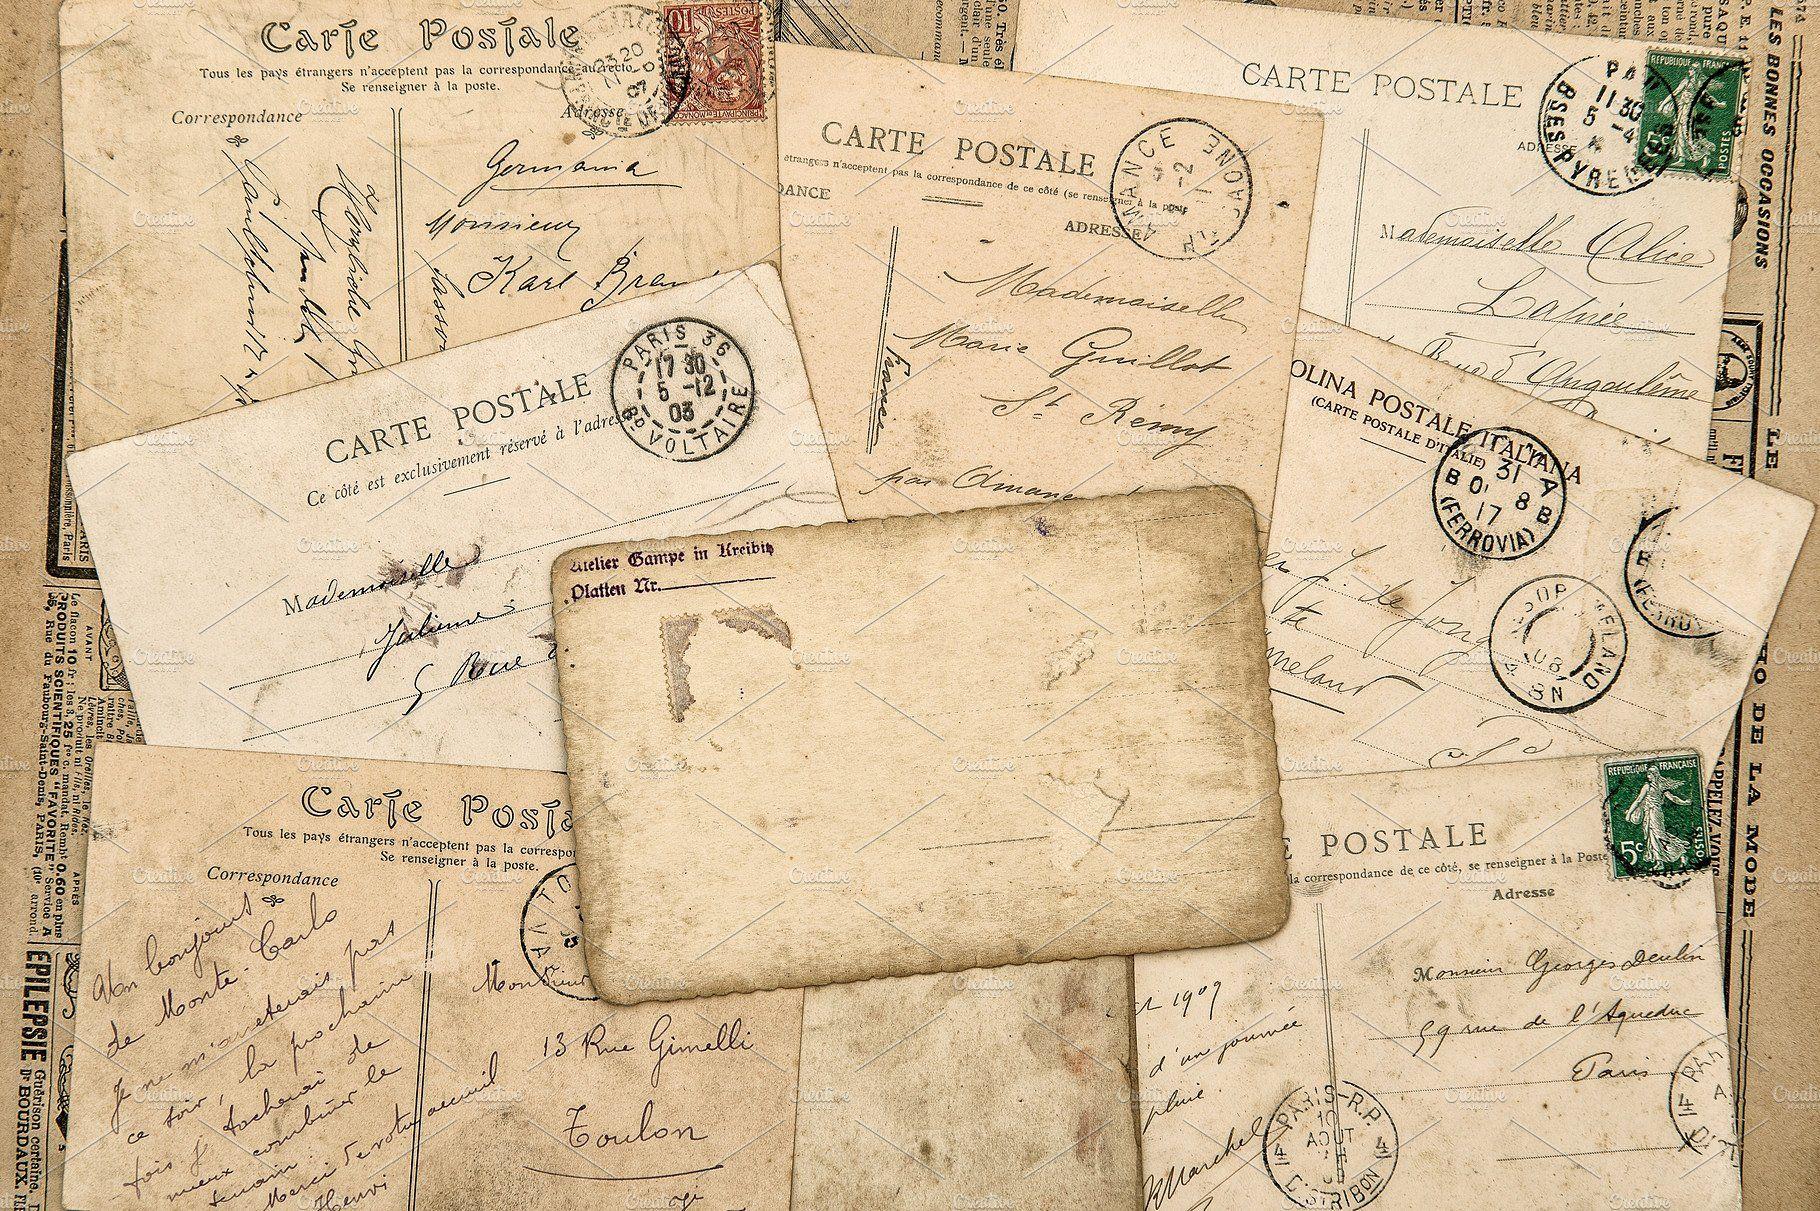 Vintage Postcards Handwritten Letter Vintage Postcards Handwritten Letters Postcard